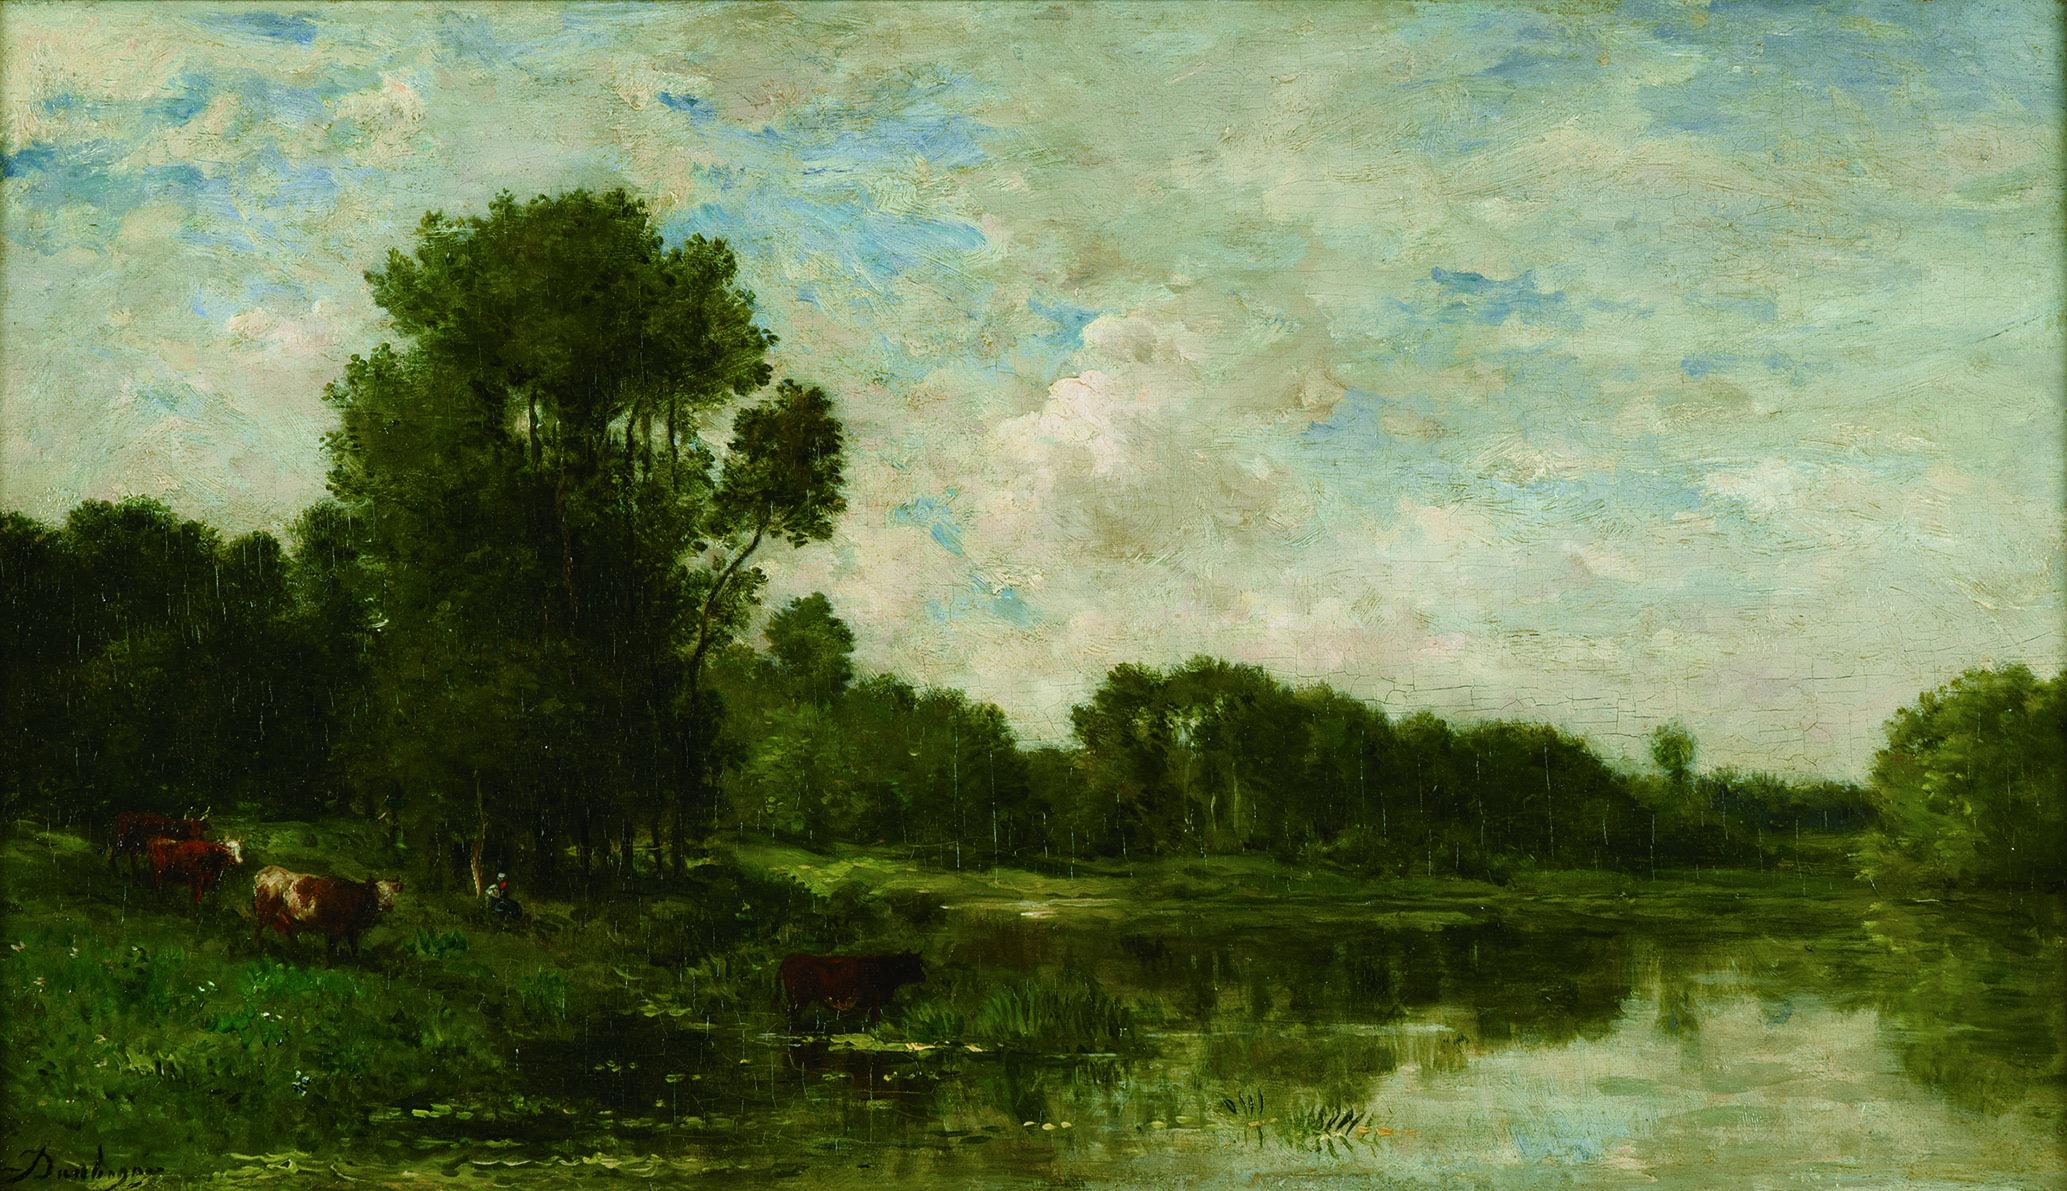 《オワーズ河畔》 1865年頃 油彩/板 32.2×56.8㎝ ランス美術館 (C)Christian Devleeschauwer